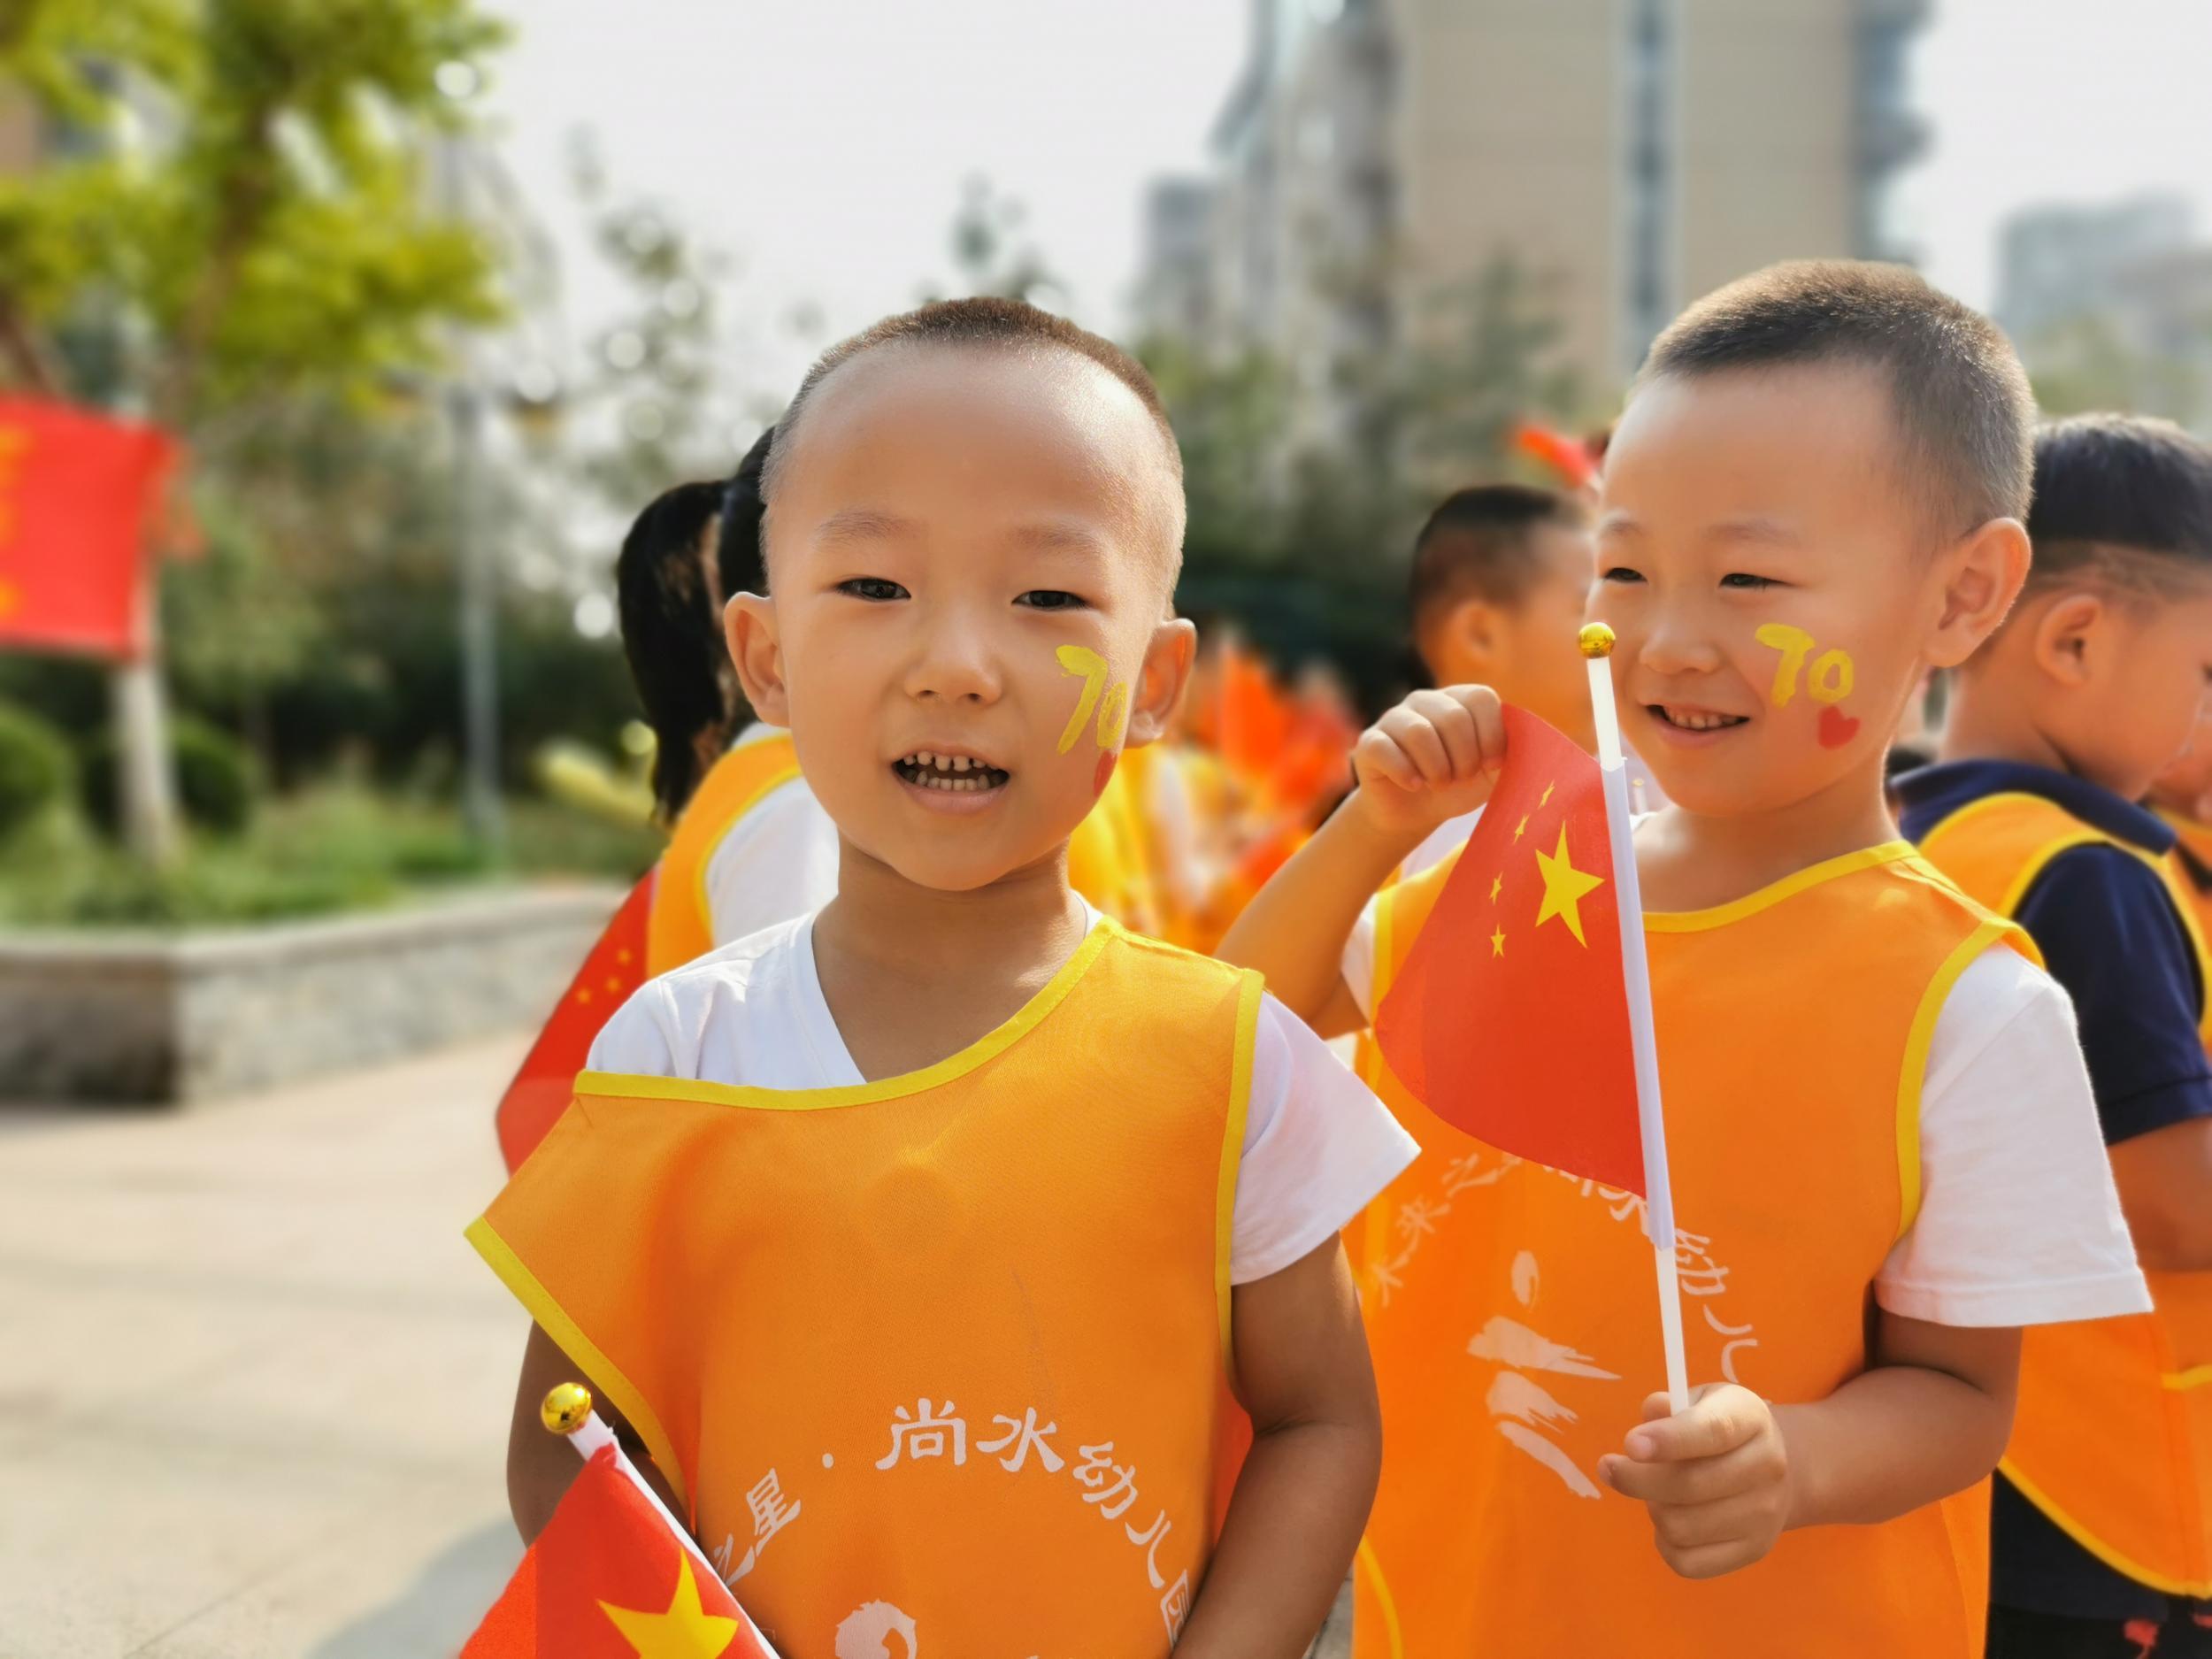 国旗飘飘 喜迎国庆 石家庄尚水幼儿园师生共同歌唱祖国